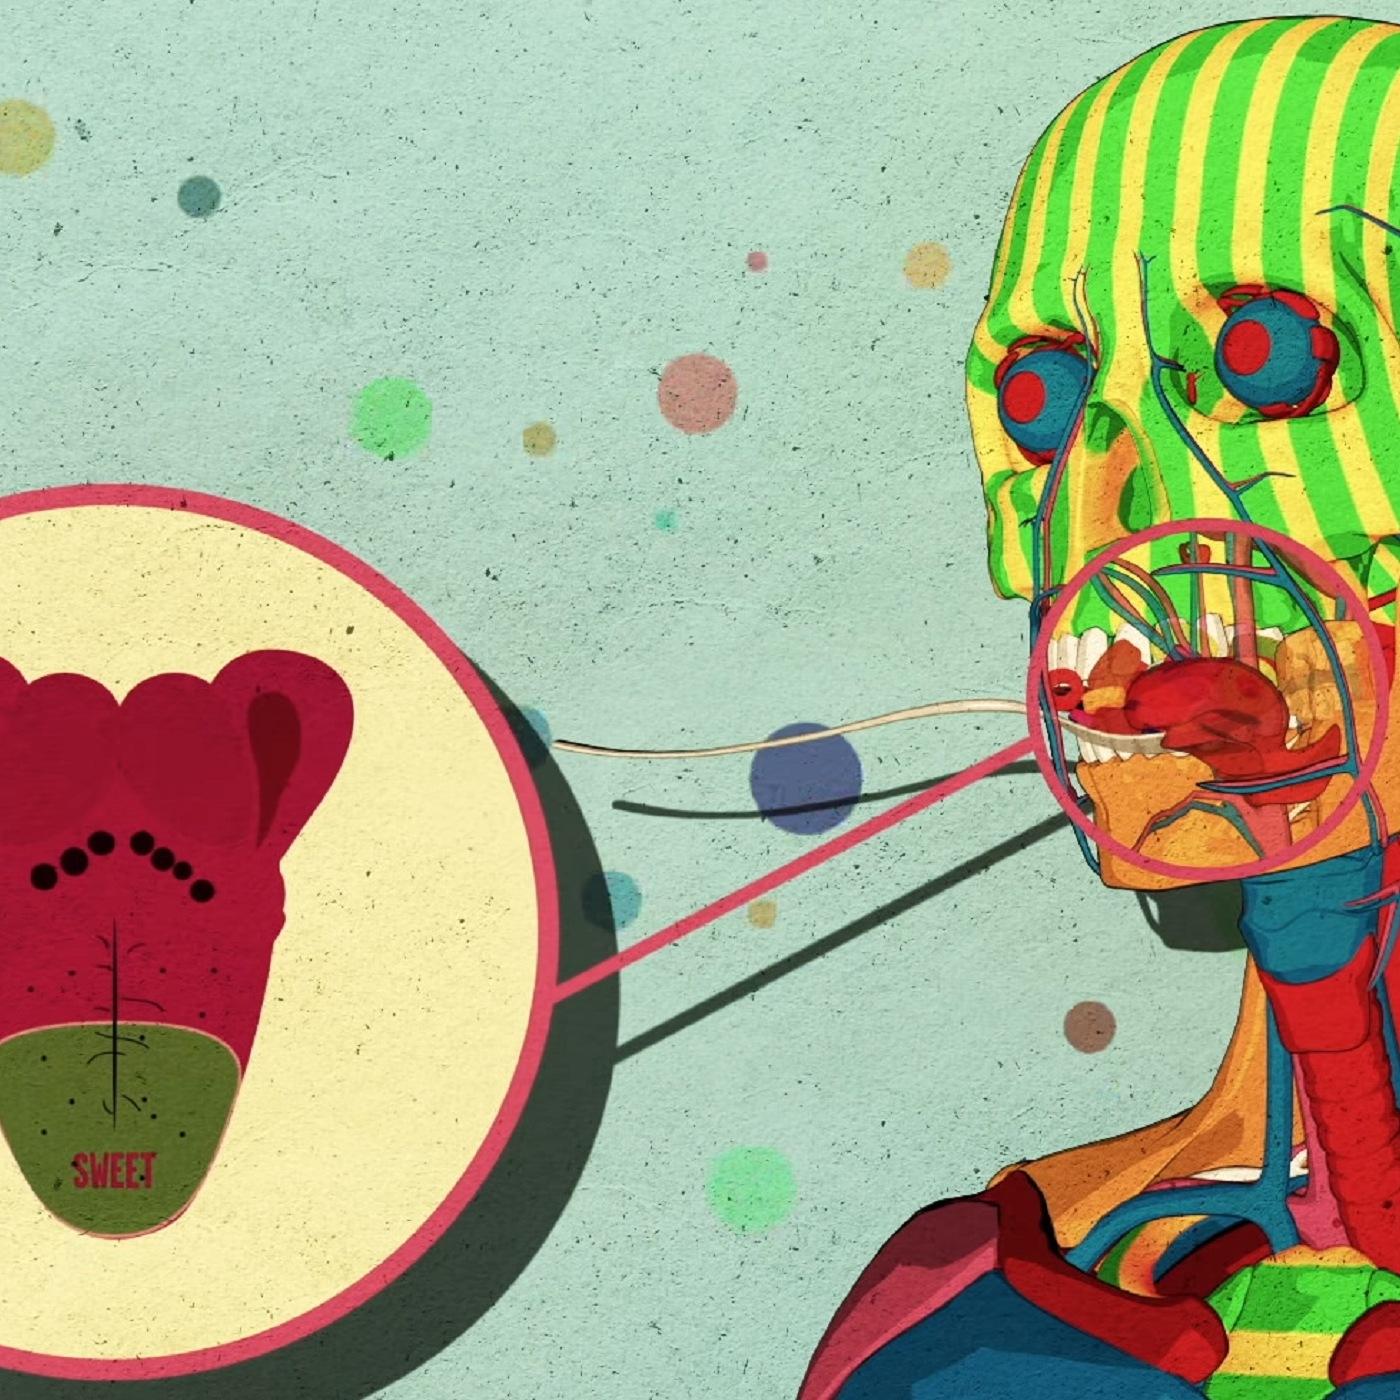 Как сахар влияет на мозг (Николь Авина)